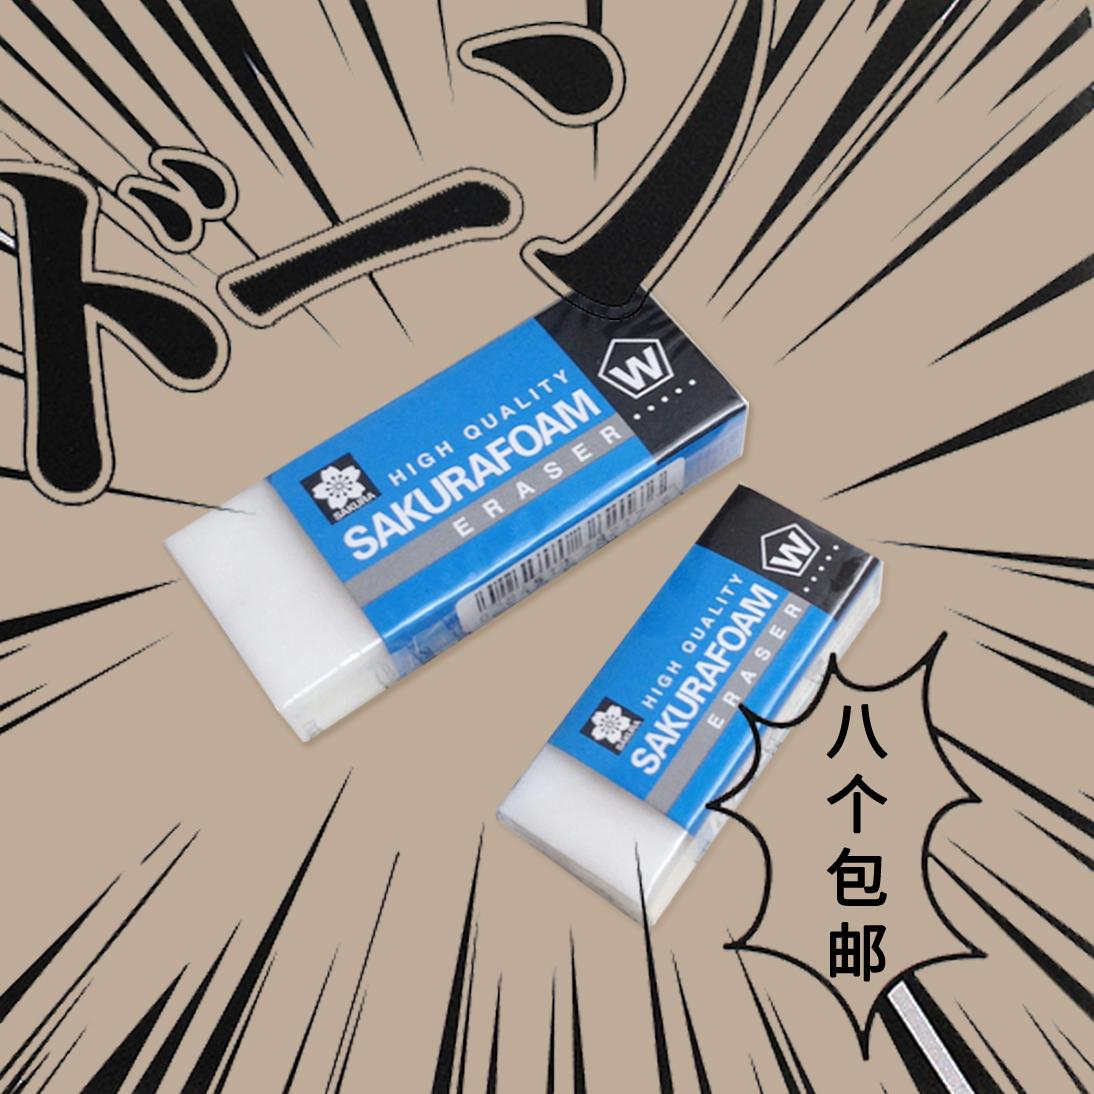 Доставка качественной продукции включена япония цветение вишни эскиз скорость запись ластик вытирать размер превышать чистый ластик сассафрас прекрасный техника тест тест специальный